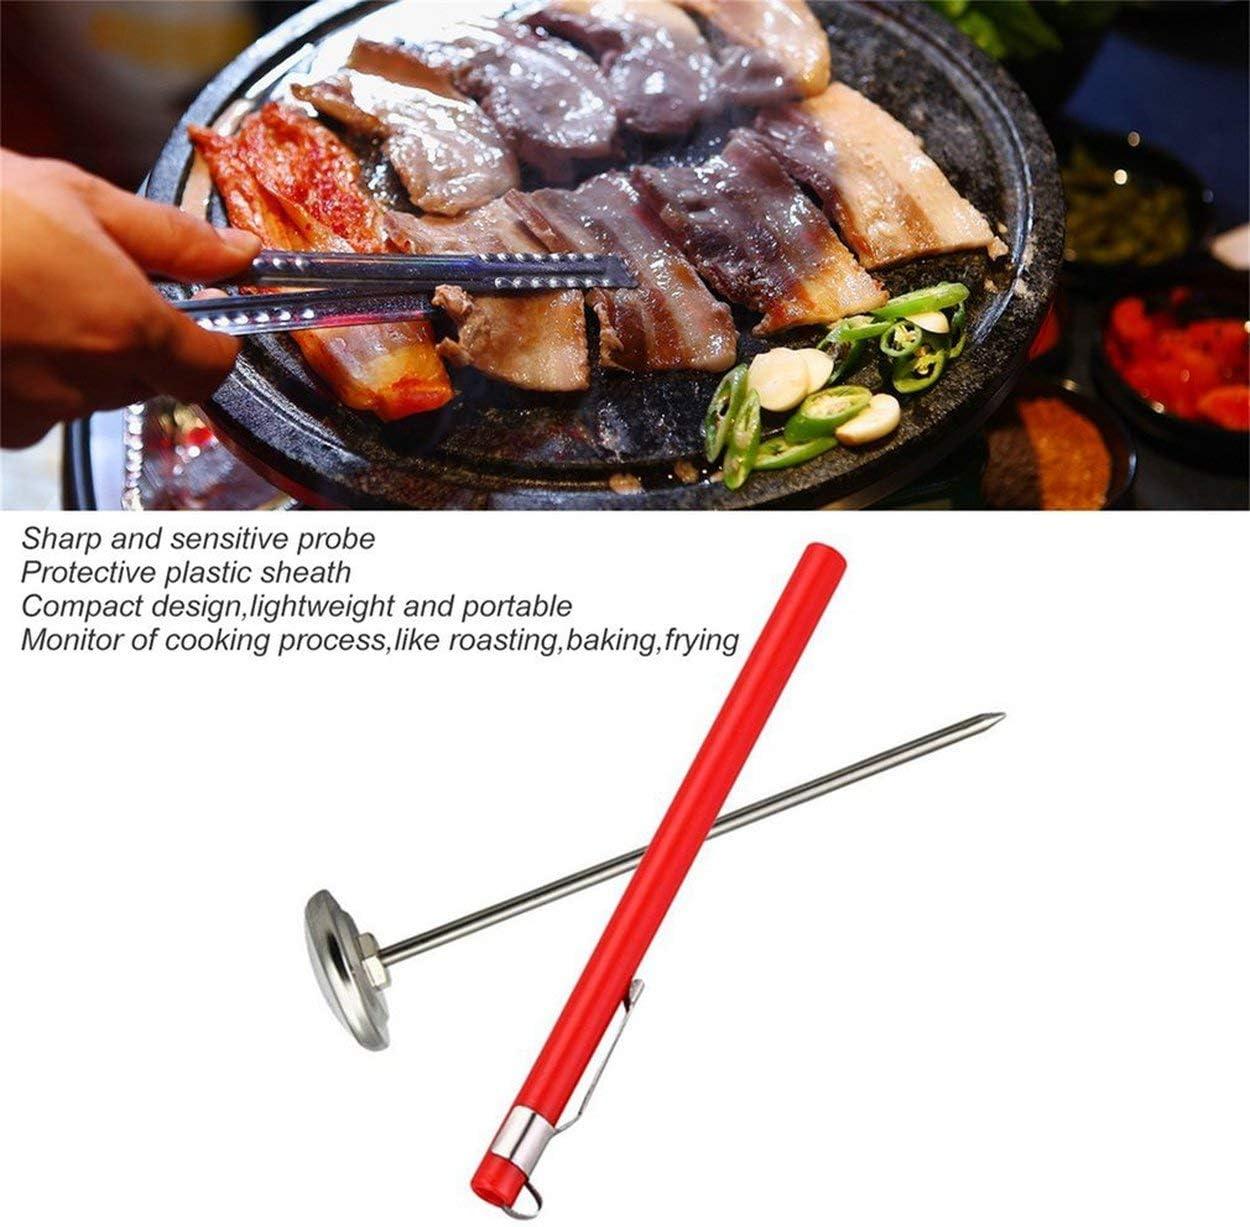 Lorenlli Thermom/ètre /à sonde de Poche en Acier Inoxydable pour Barbecue Viande Alimentaire Cuisine Cuisson Lecture instantan/ée jauge de Viande